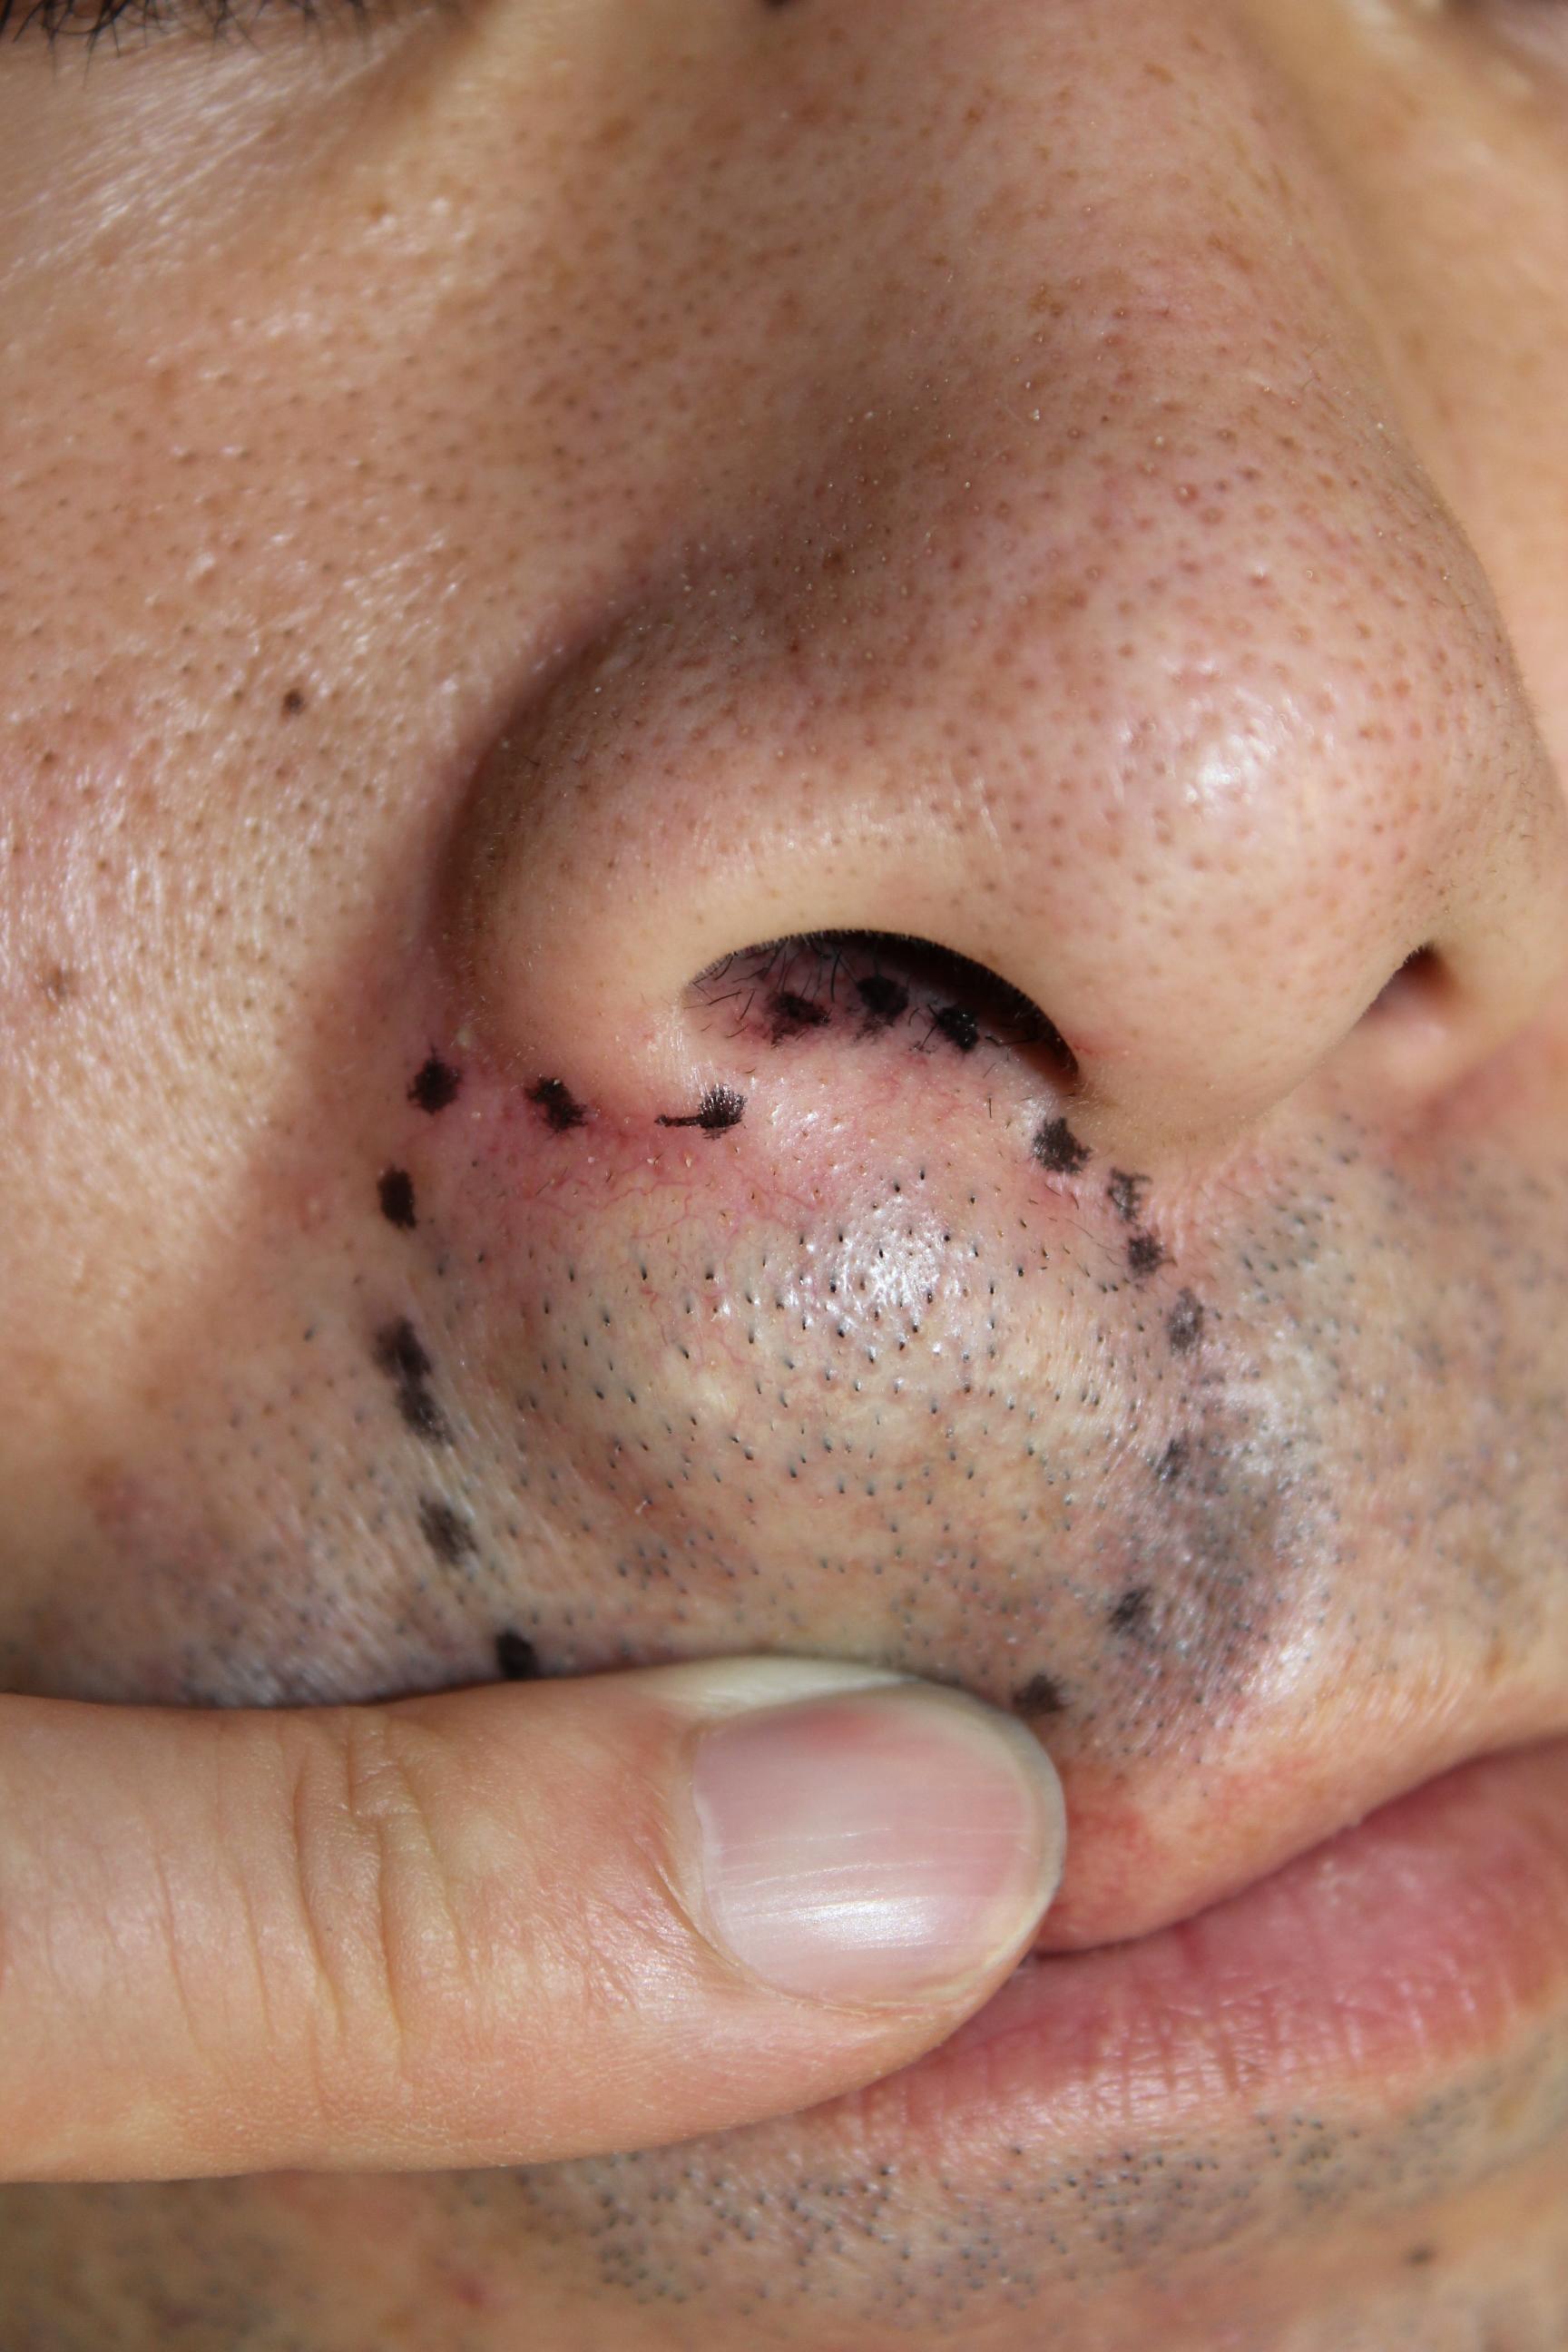 粉瘤 , SSクリニック , 皮膚科・美容外科 , 名古屋市中区 , Part 2